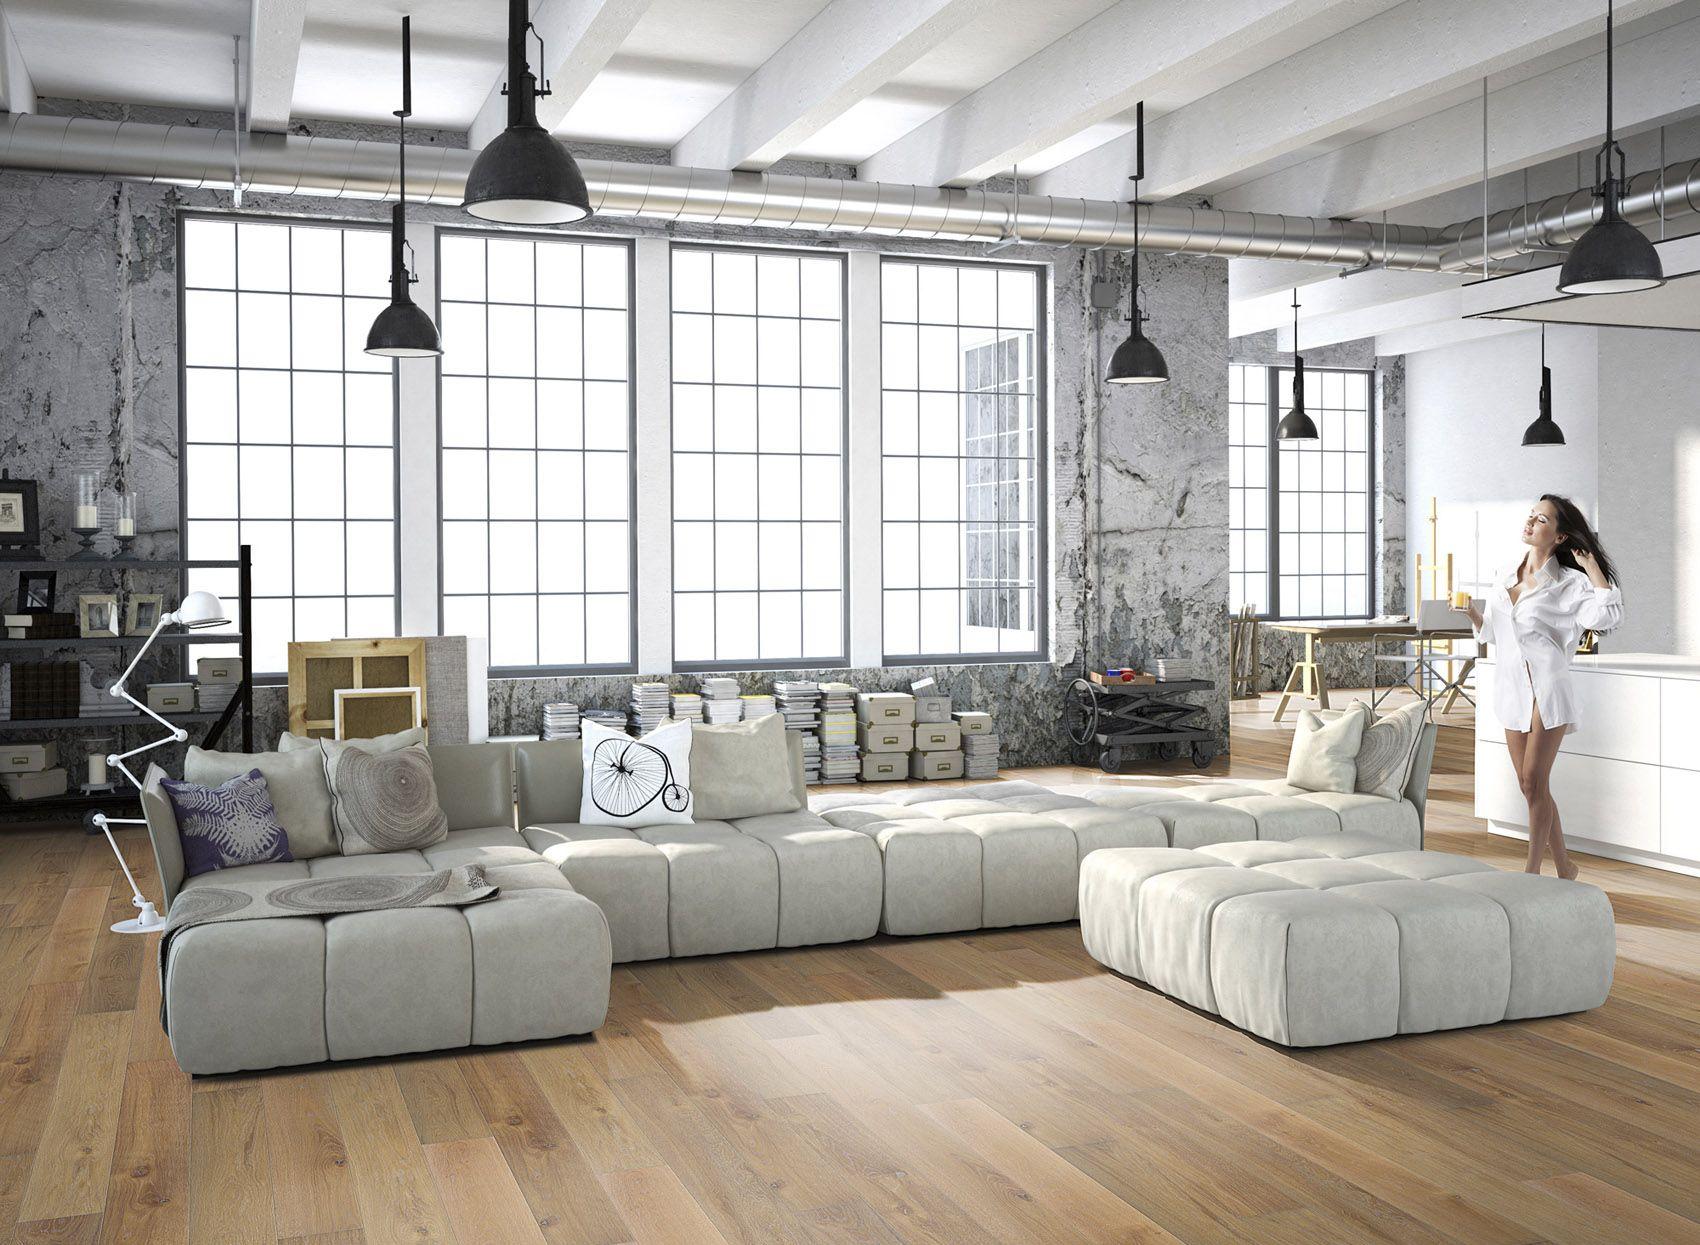 5g9026xl i-do parkett landhausdiele xl vital eiche vintage lebhaft ... - Wohnzimmer Ideen Eiche